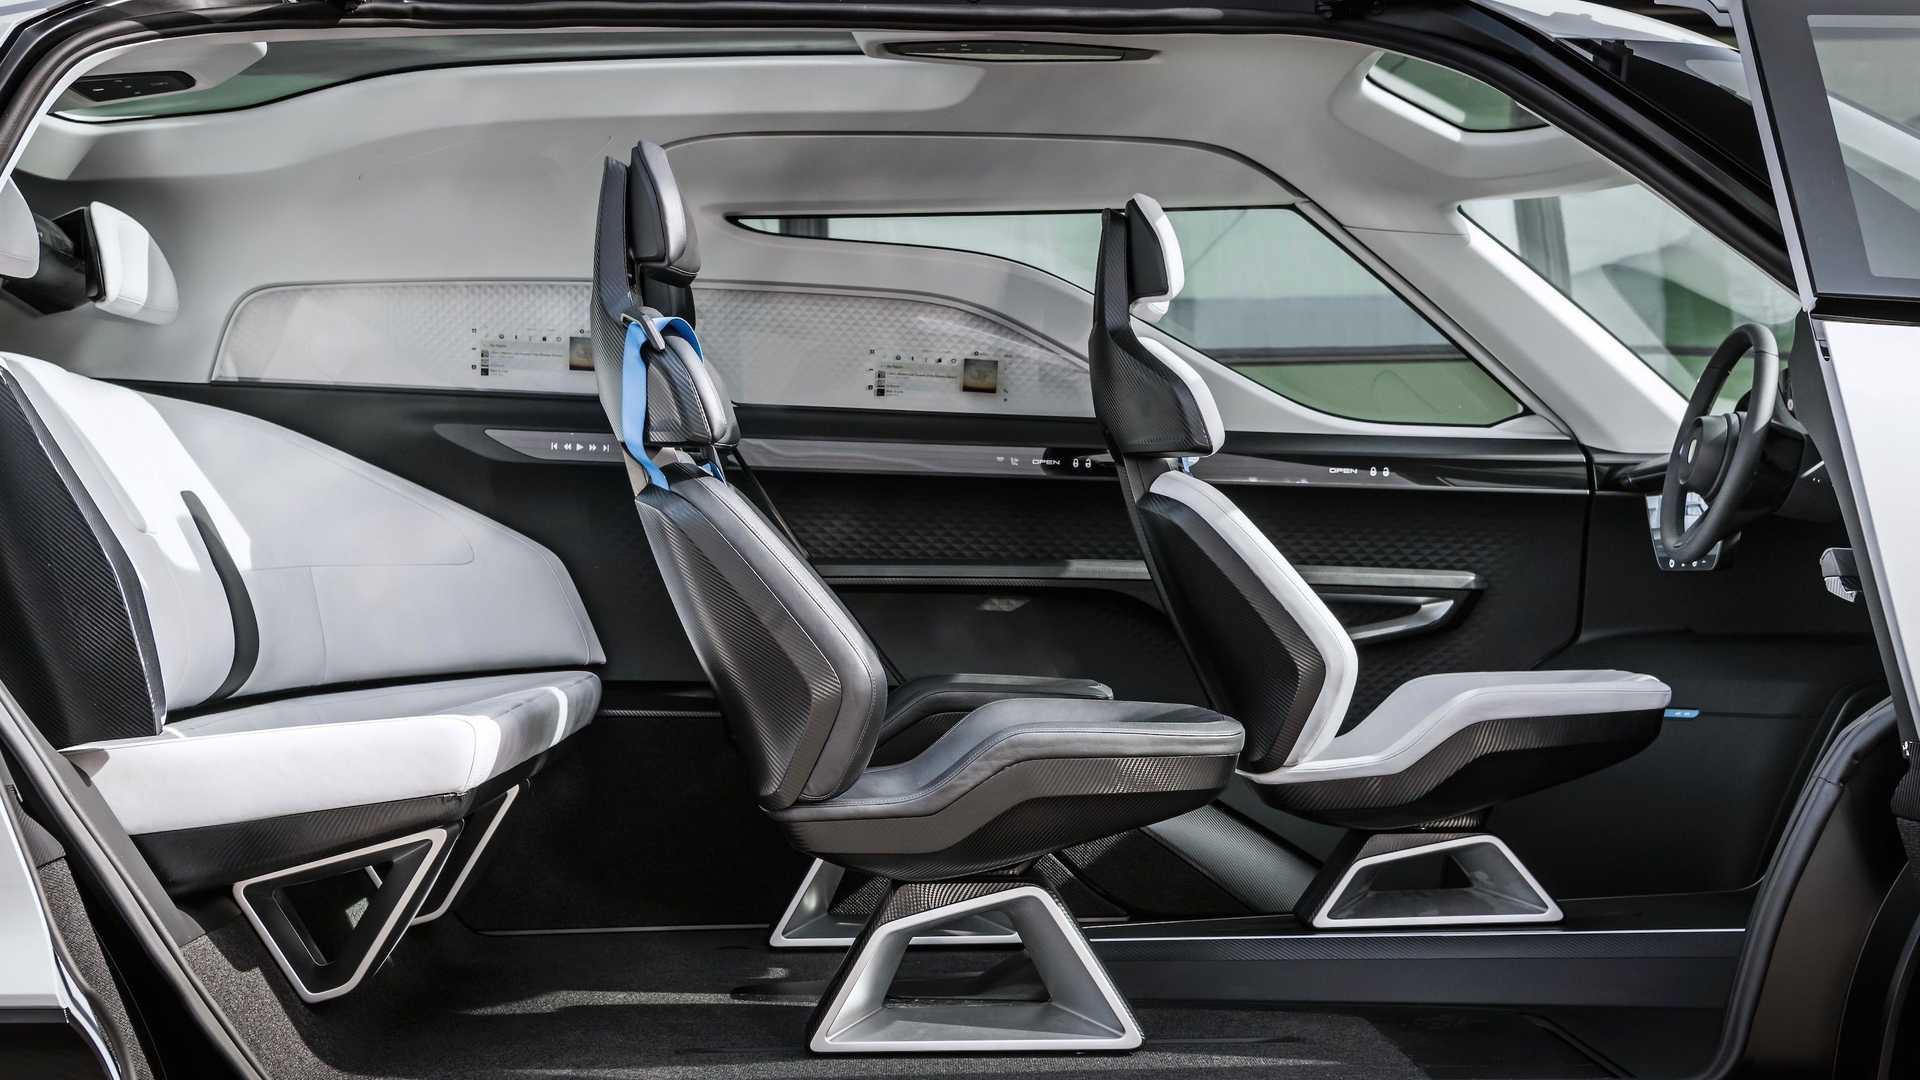 Porsche-Vision-Renndienst-concept-interior-3